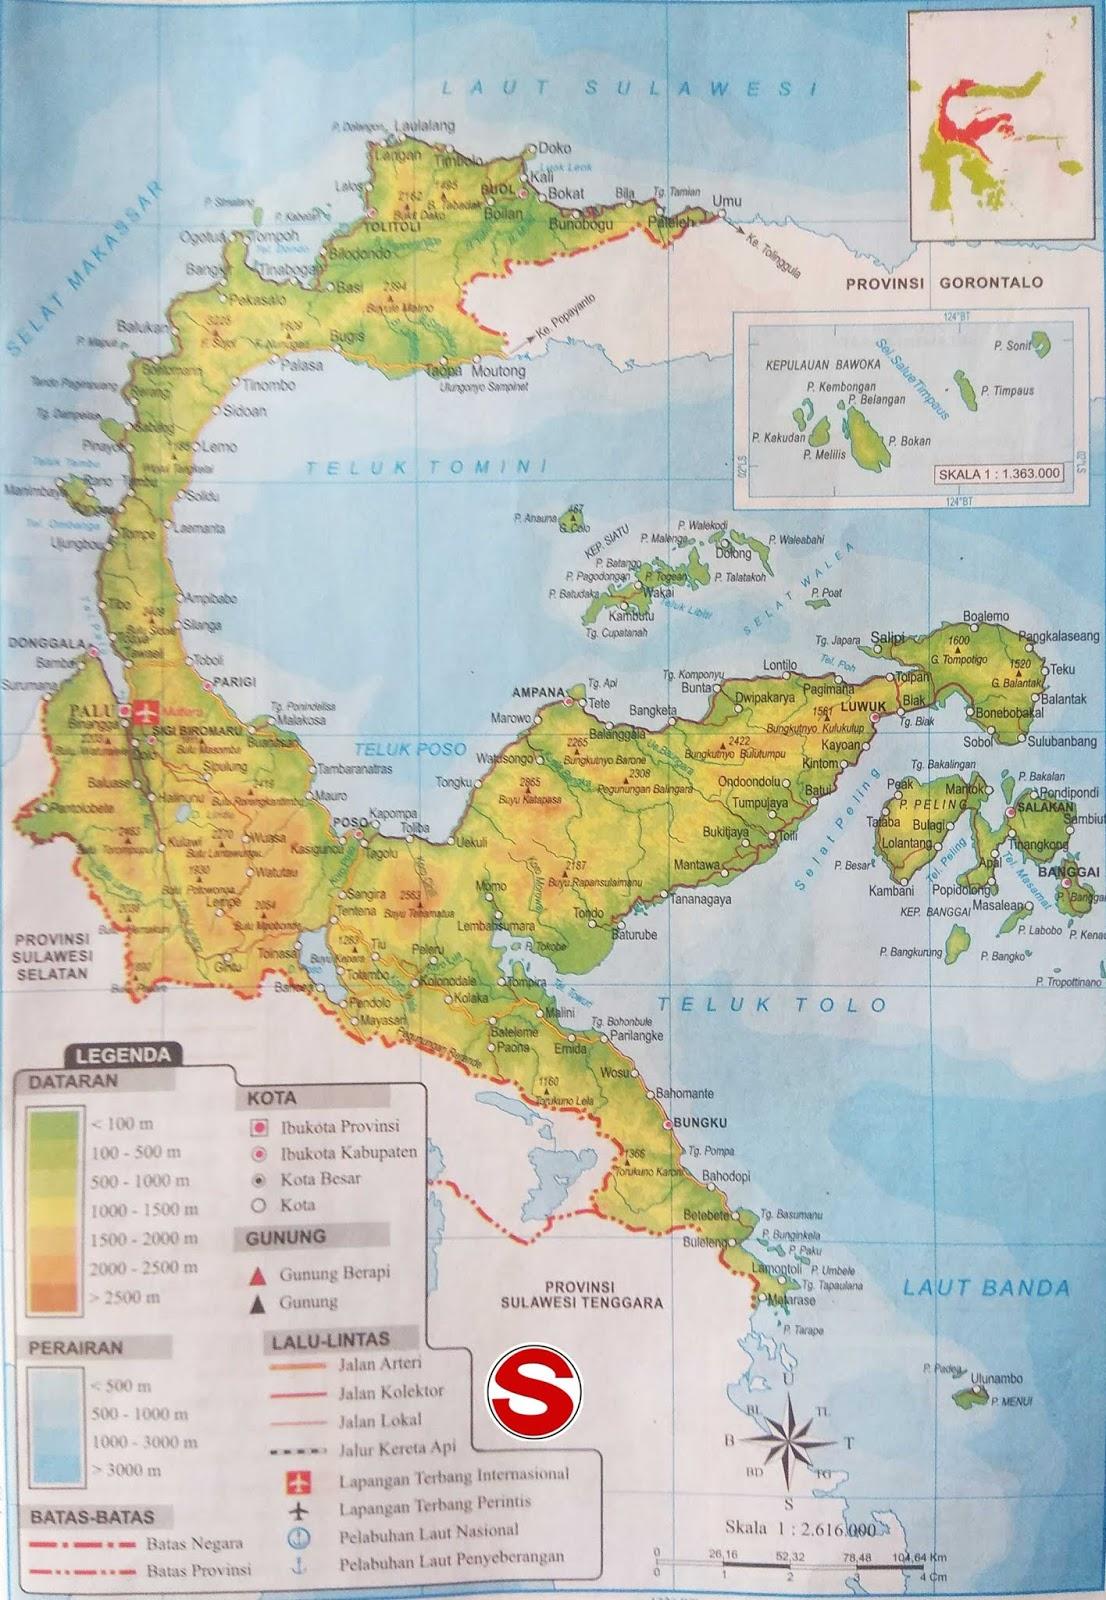 Peta Atlas Provinsi Sulawesi Tengah di bawah ini mencakup peta dataran Peta Atlas Provinsi Sulawesi Tengah